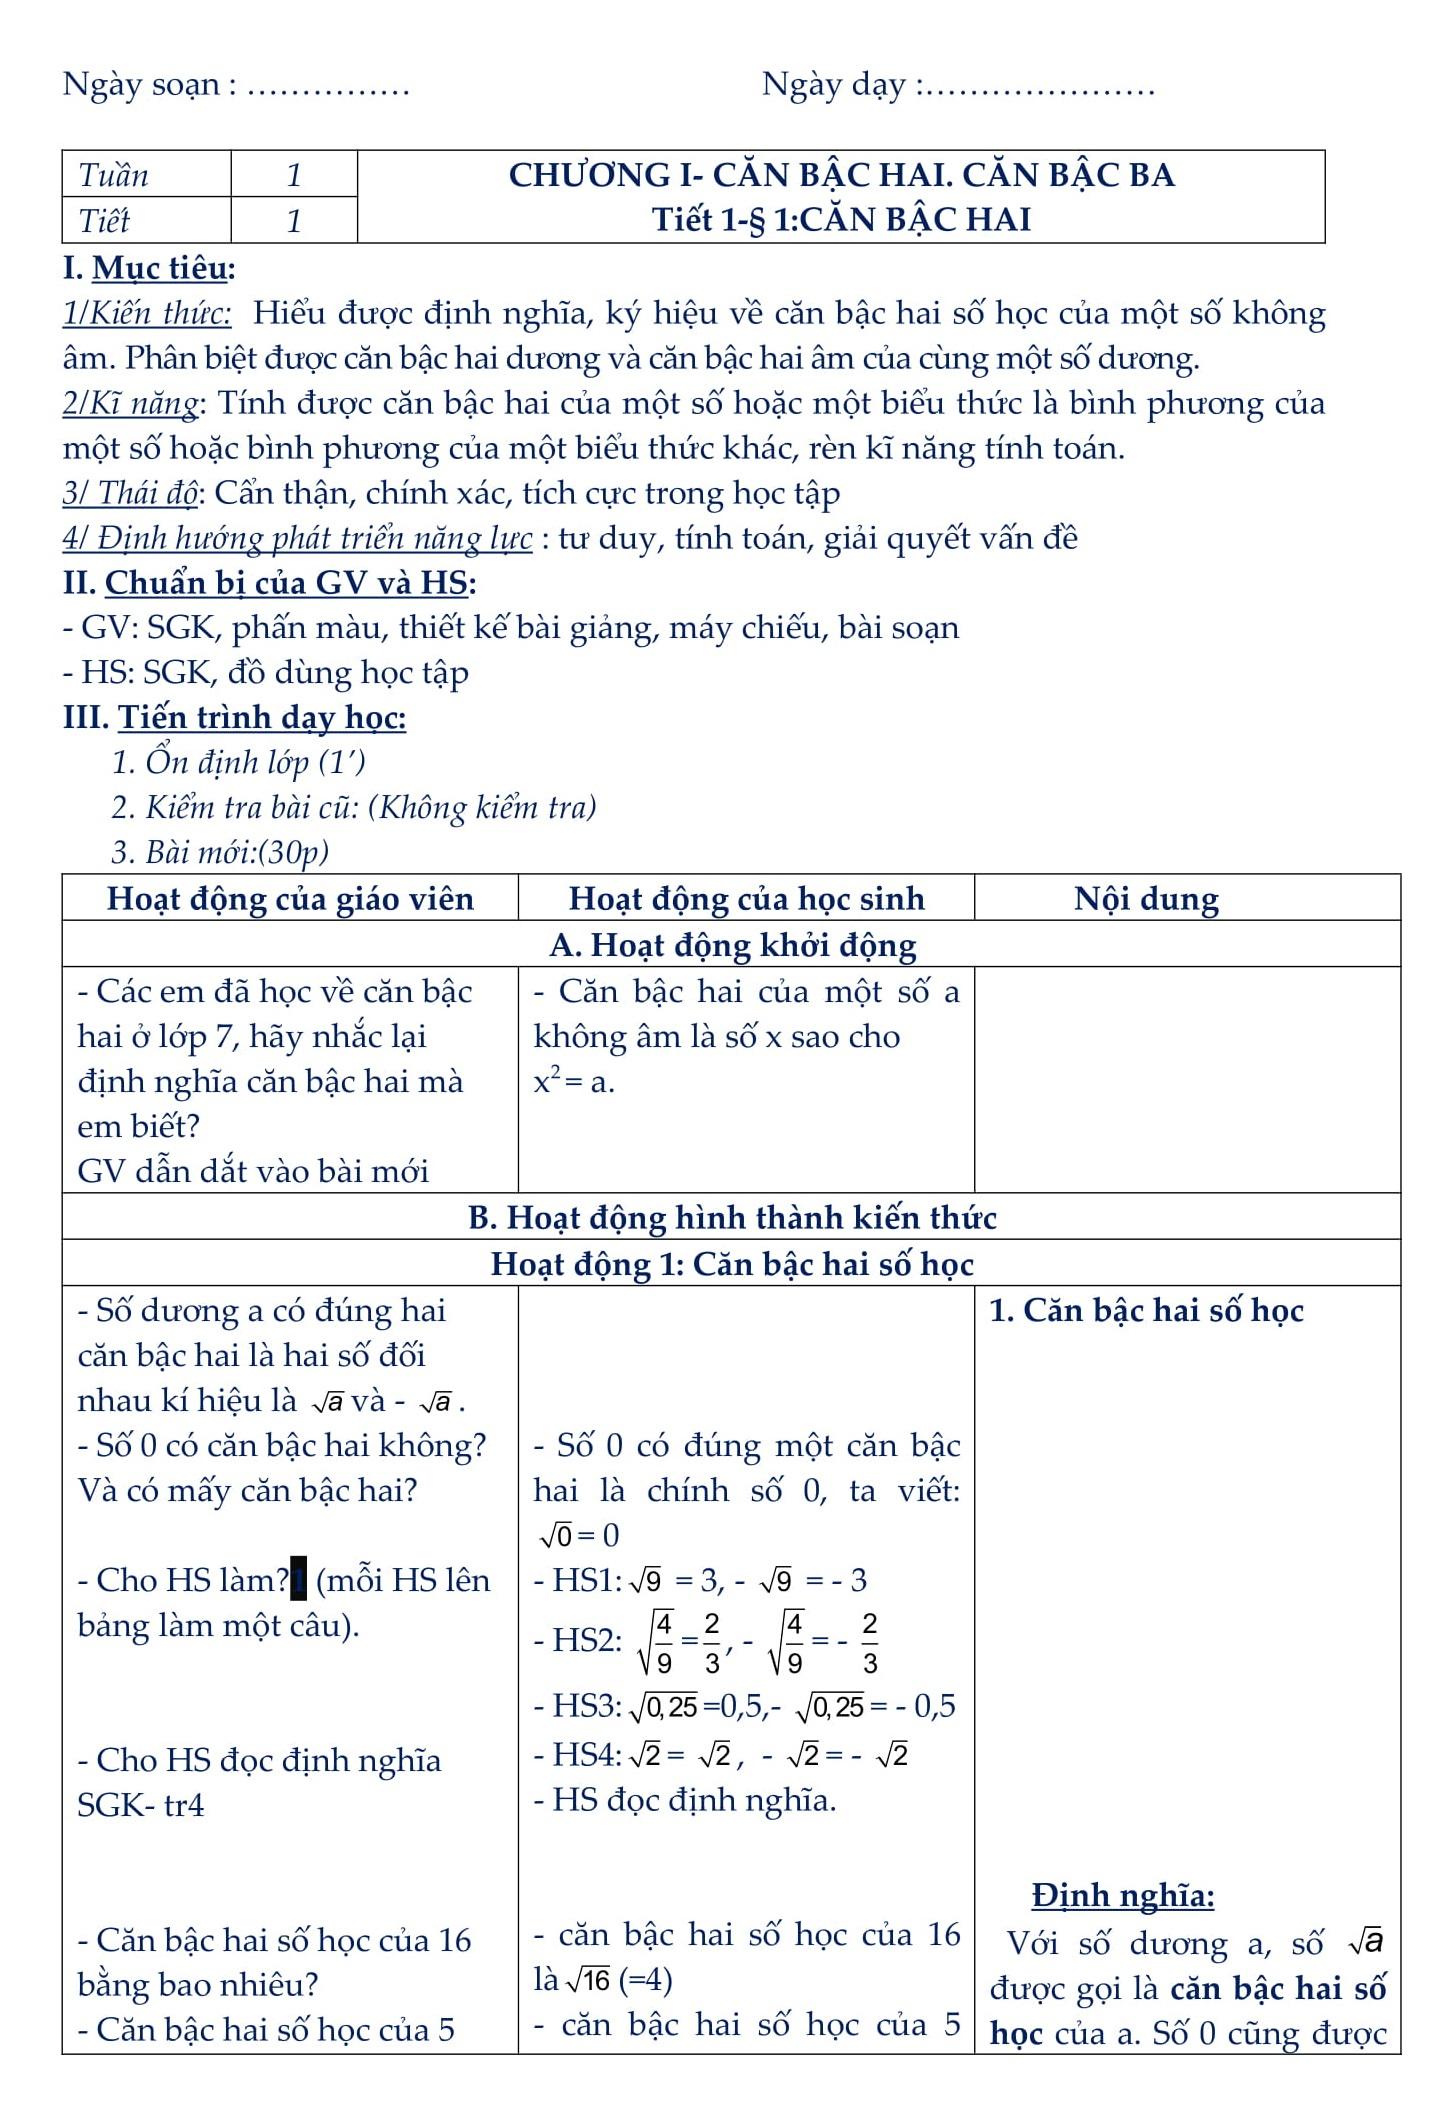 Giáo án Toán 9 Đại số HK1 và HK2 - bản đẹp liệt kê chi tiết